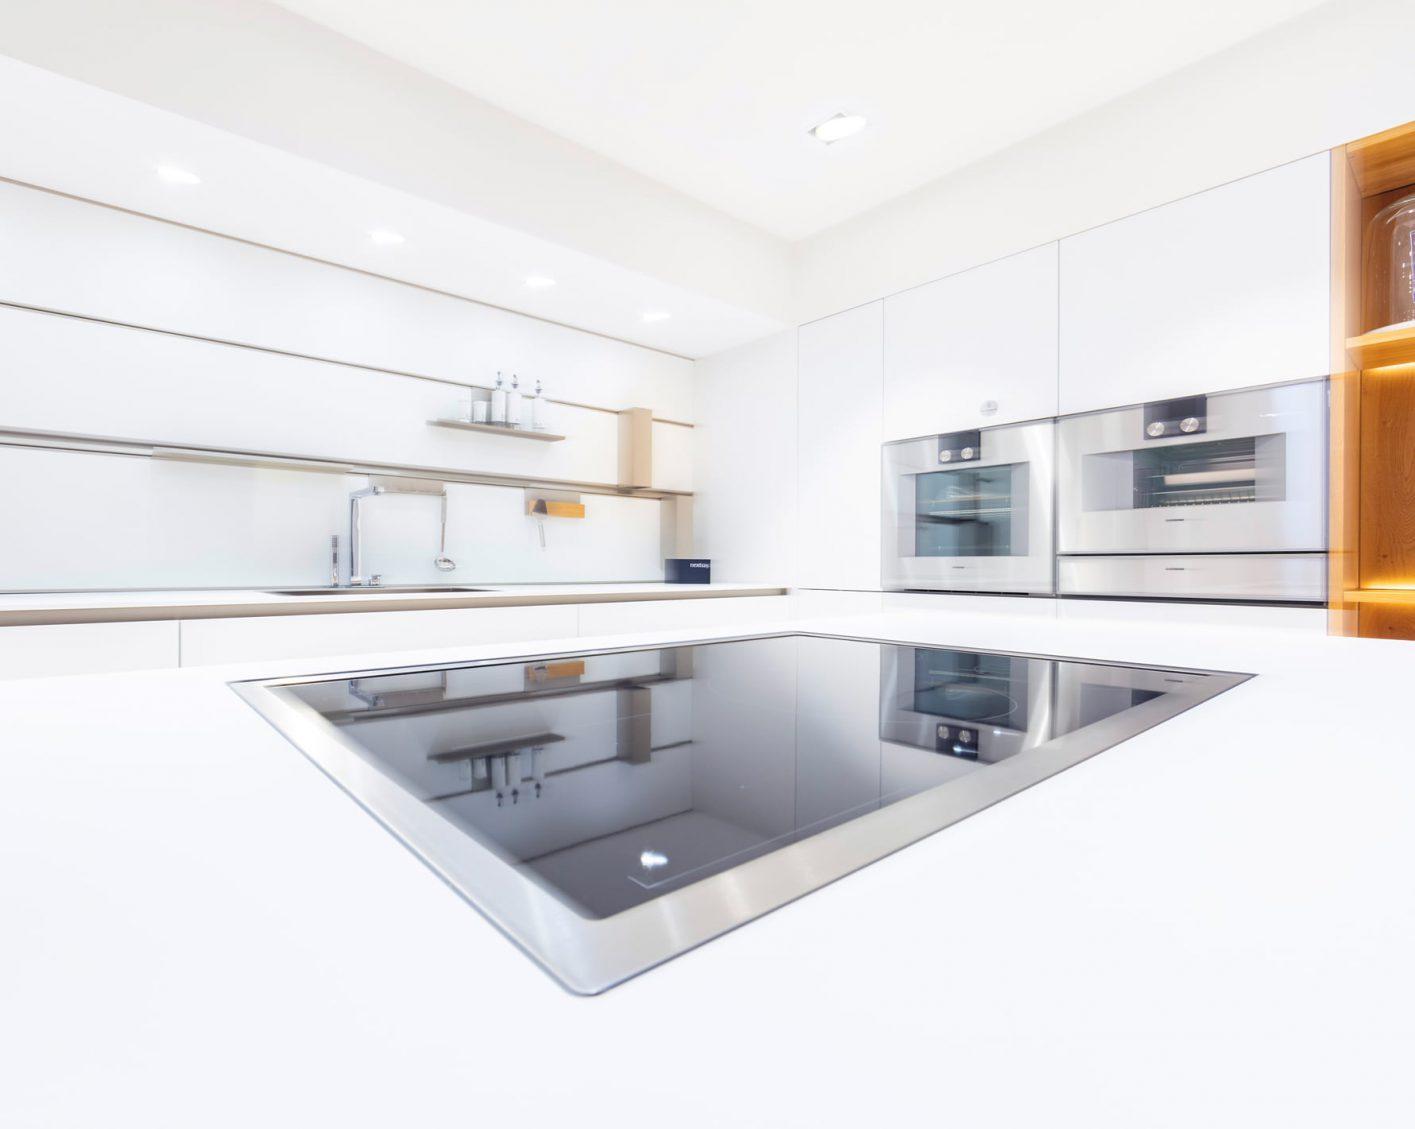 Blick auf Kochfeld in weißer Küche